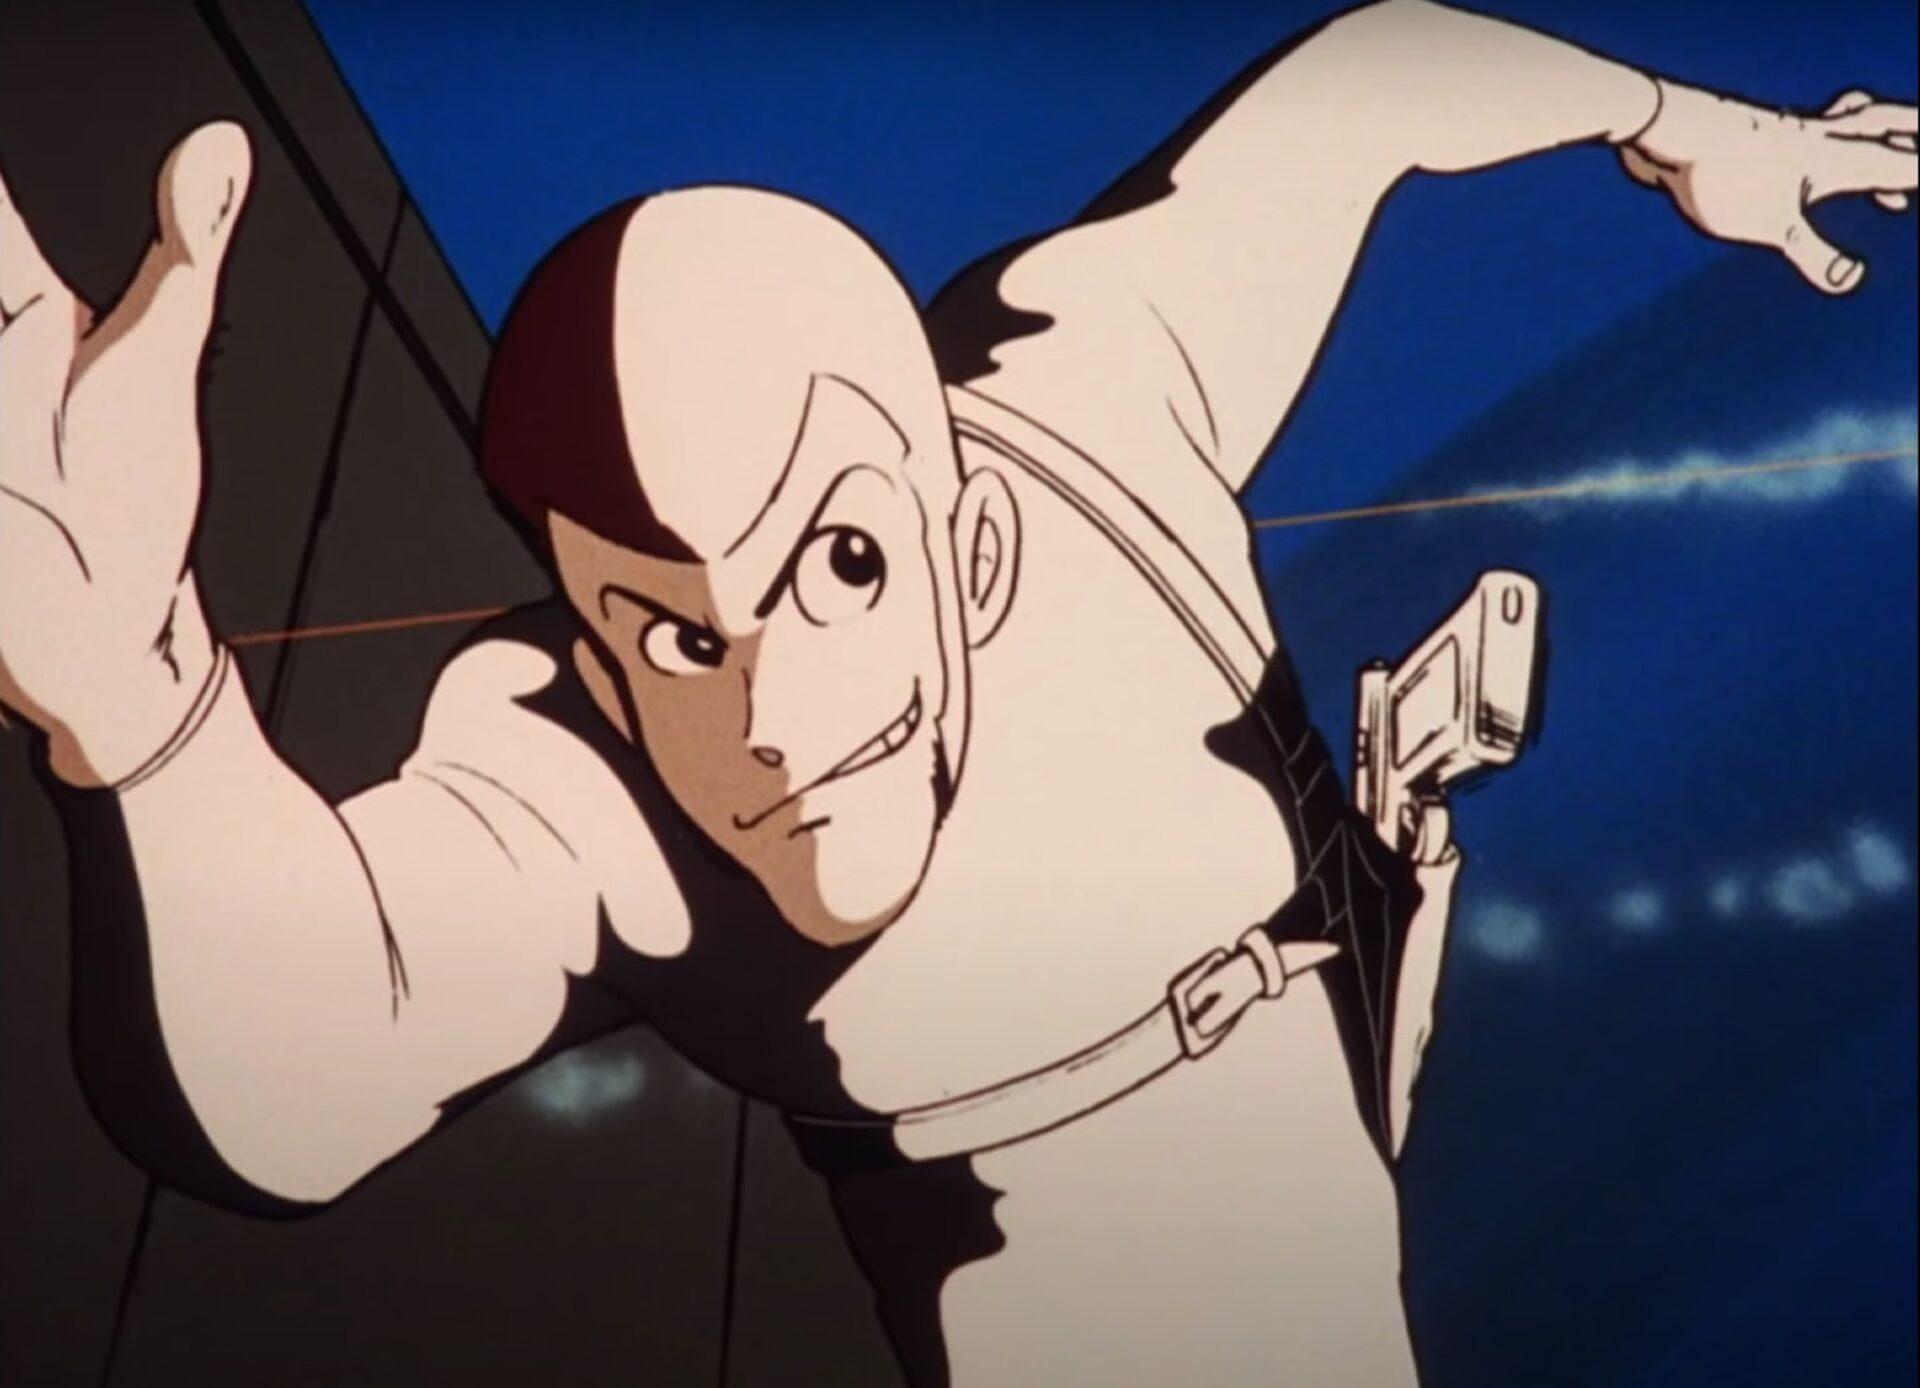 『ルパン三世』 <アニメ化50周年>を迎える前にU-NEXT<ユーネクスト>でおさらいを